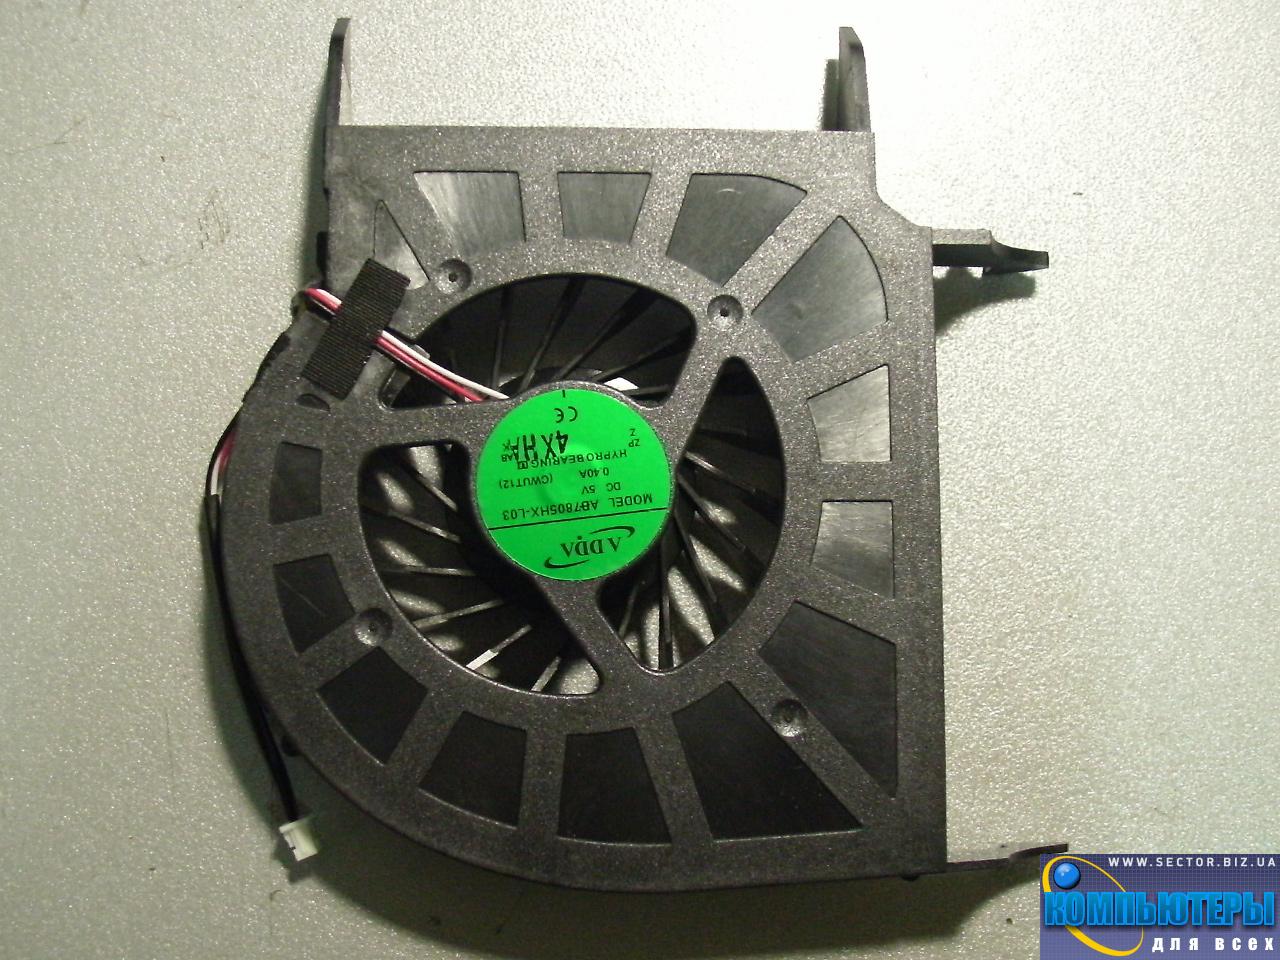 Кулер к ноутбуку HP Pavilion DV6-1000 DV6-1100 DV6-1200 DV6-2000 DV6-2100 DV6-2200 DV6 DV6T DV6Z p/n: AB7805HX-L03. Фото № 1.